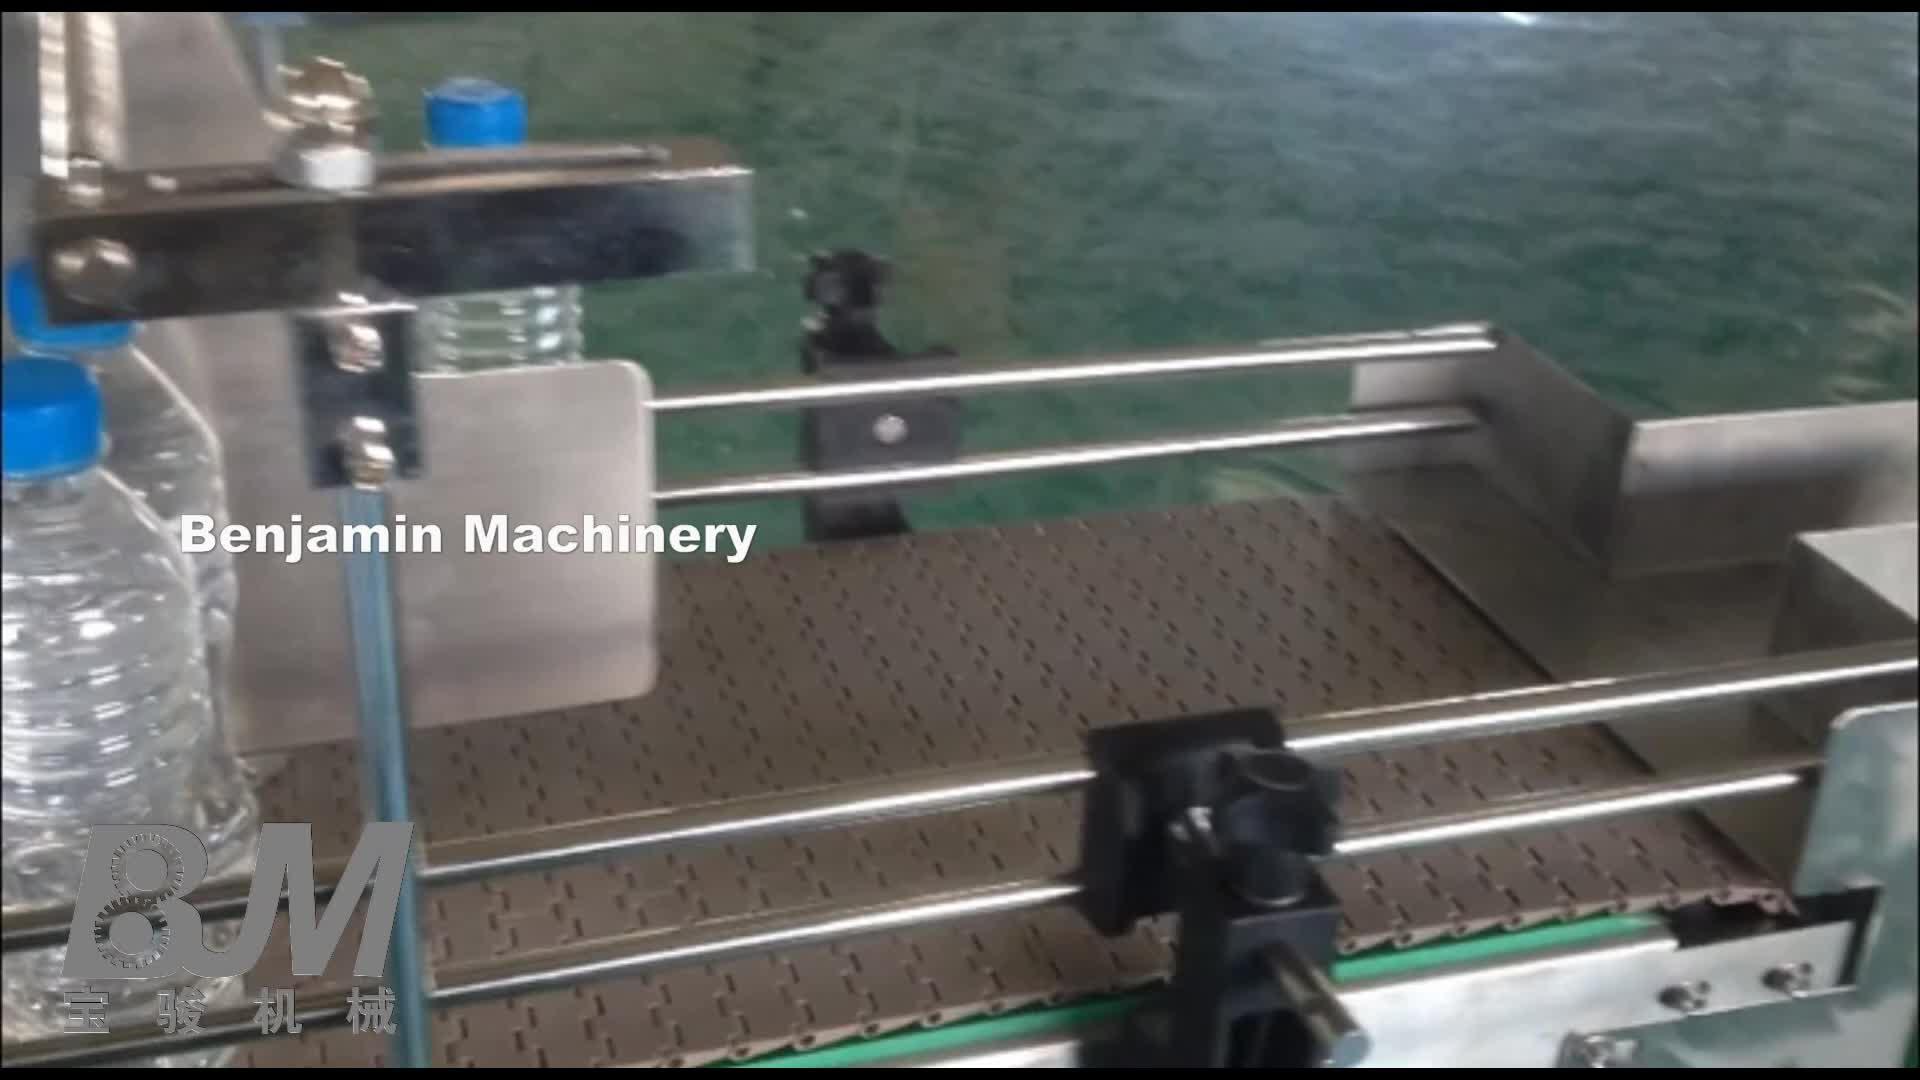 L ประเภทอัตโนมัติเต็มรูปแบบ shrinp เครื่องห่อ/อัตโนมัติฟิล์ม PE ขวดความร้อนบรรจุอุปกรณ์อุโมงค์หด